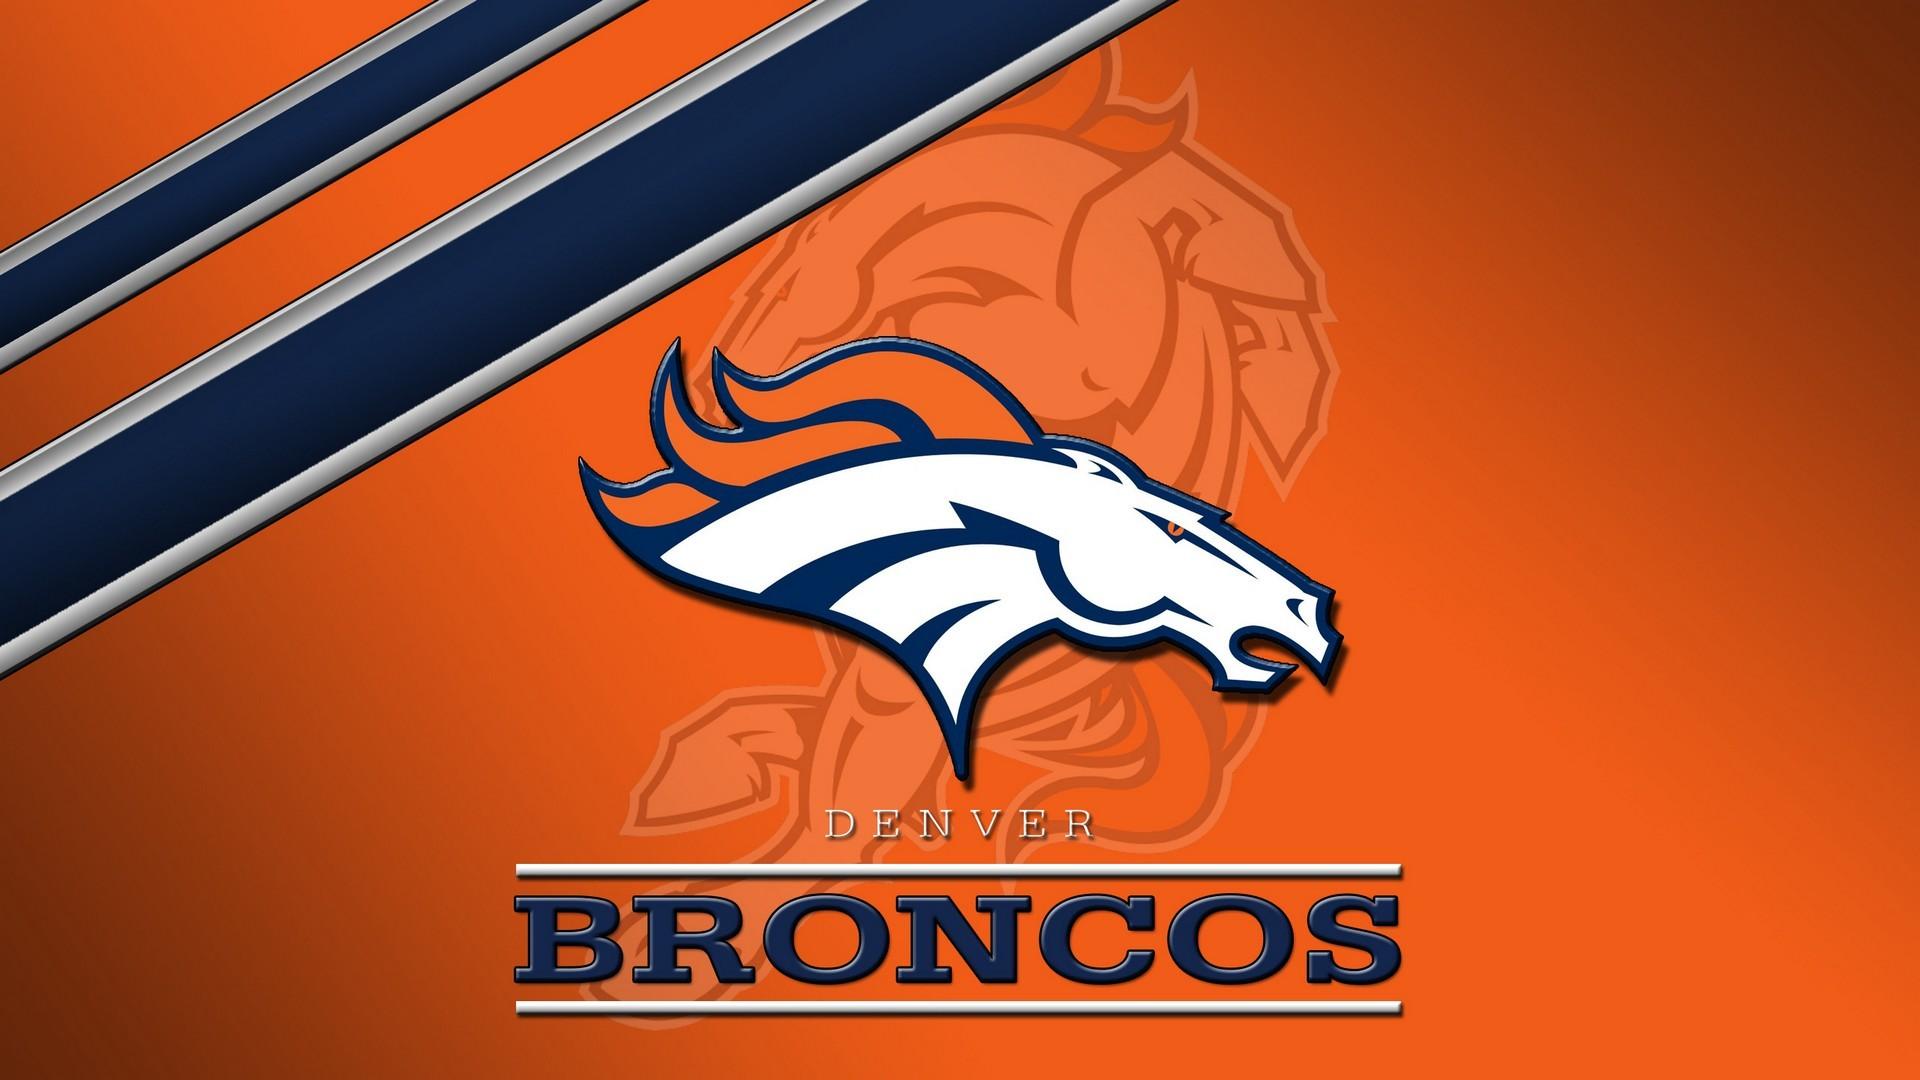 Res: 1920x1080, Denver Broncos Wallpaper HD